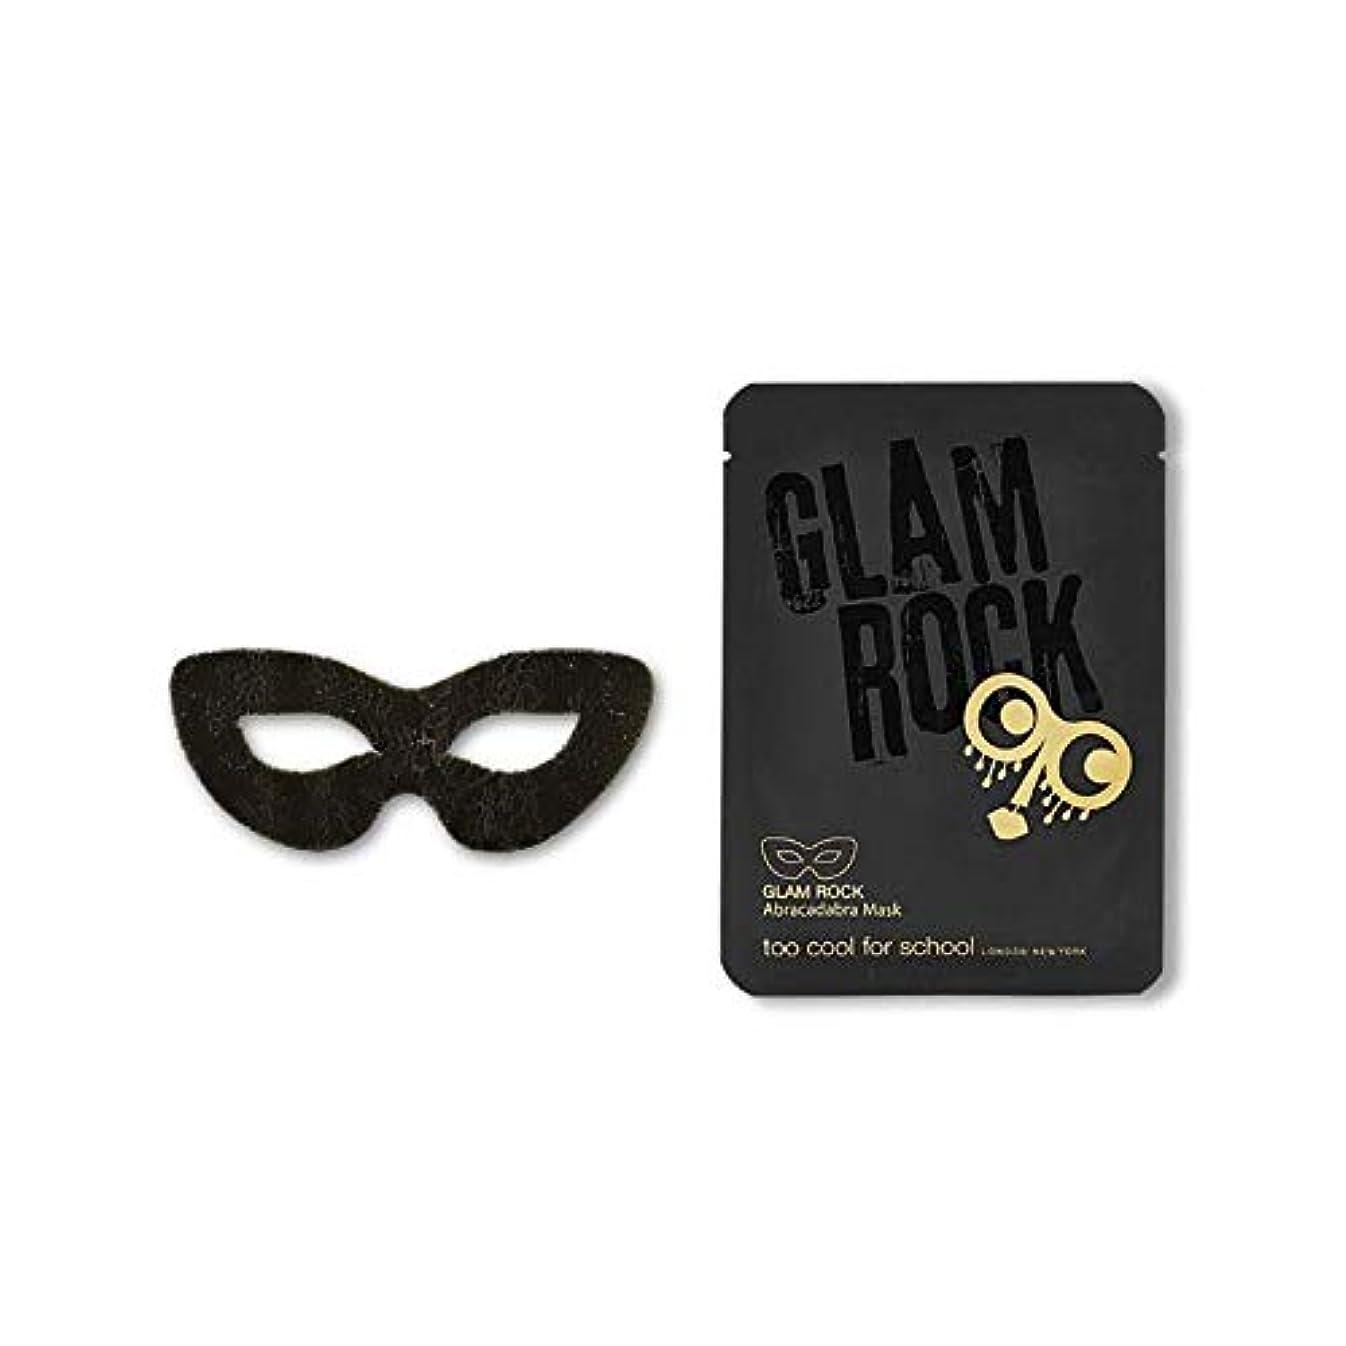 情緒的第アンデス山脈TOO COOL FOR SCHOOL Glam Rock Abracadabra Mask (並行輸入品)